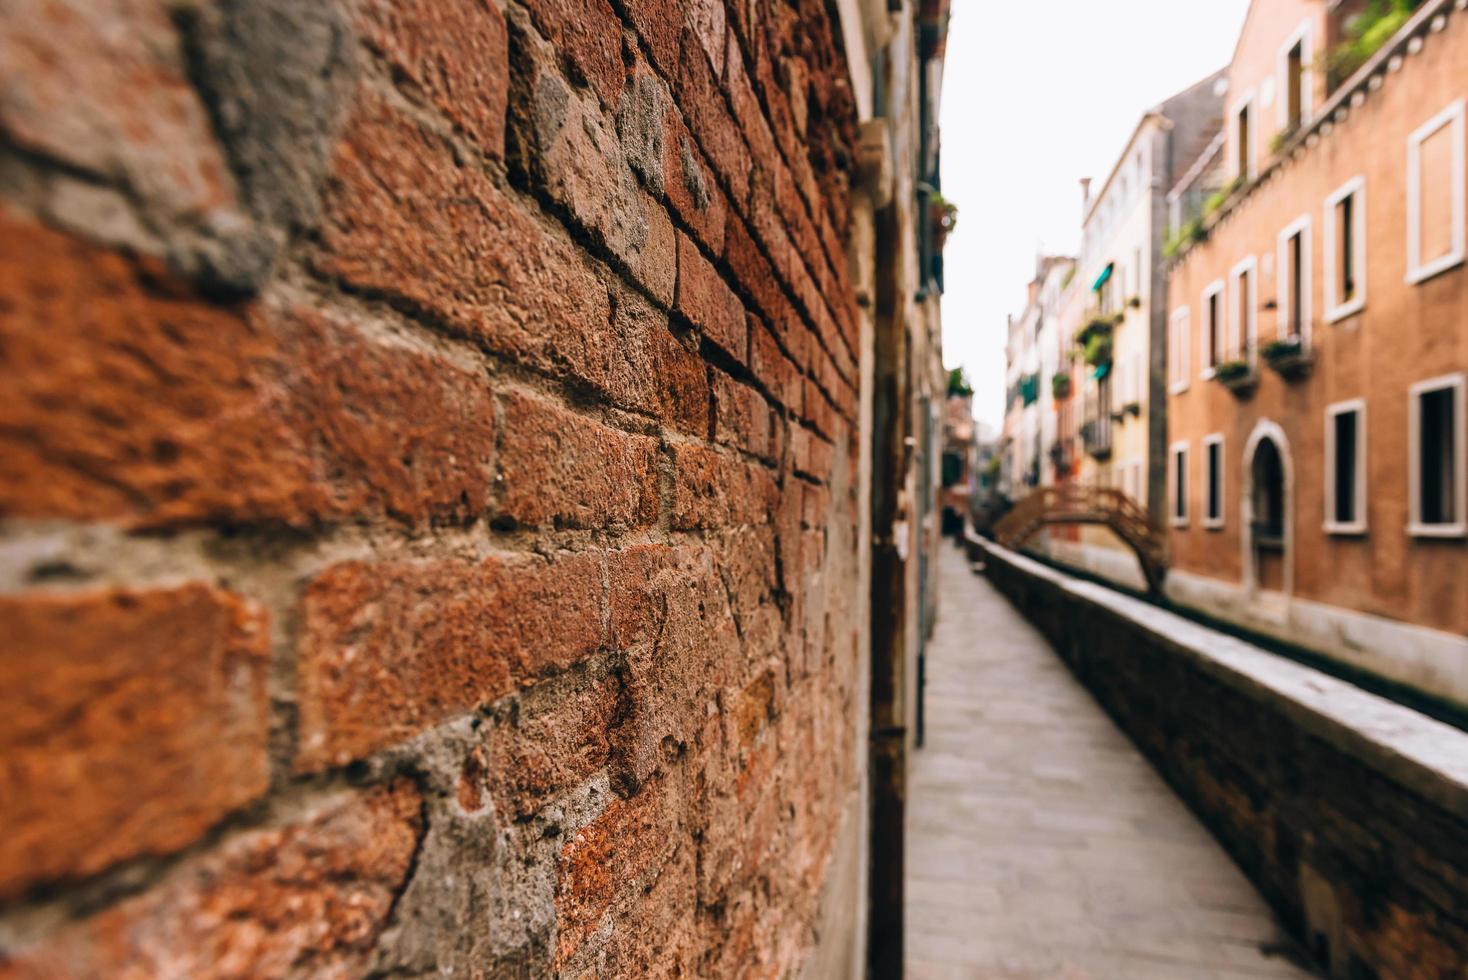 de oude straten van Venetië van Italië foto